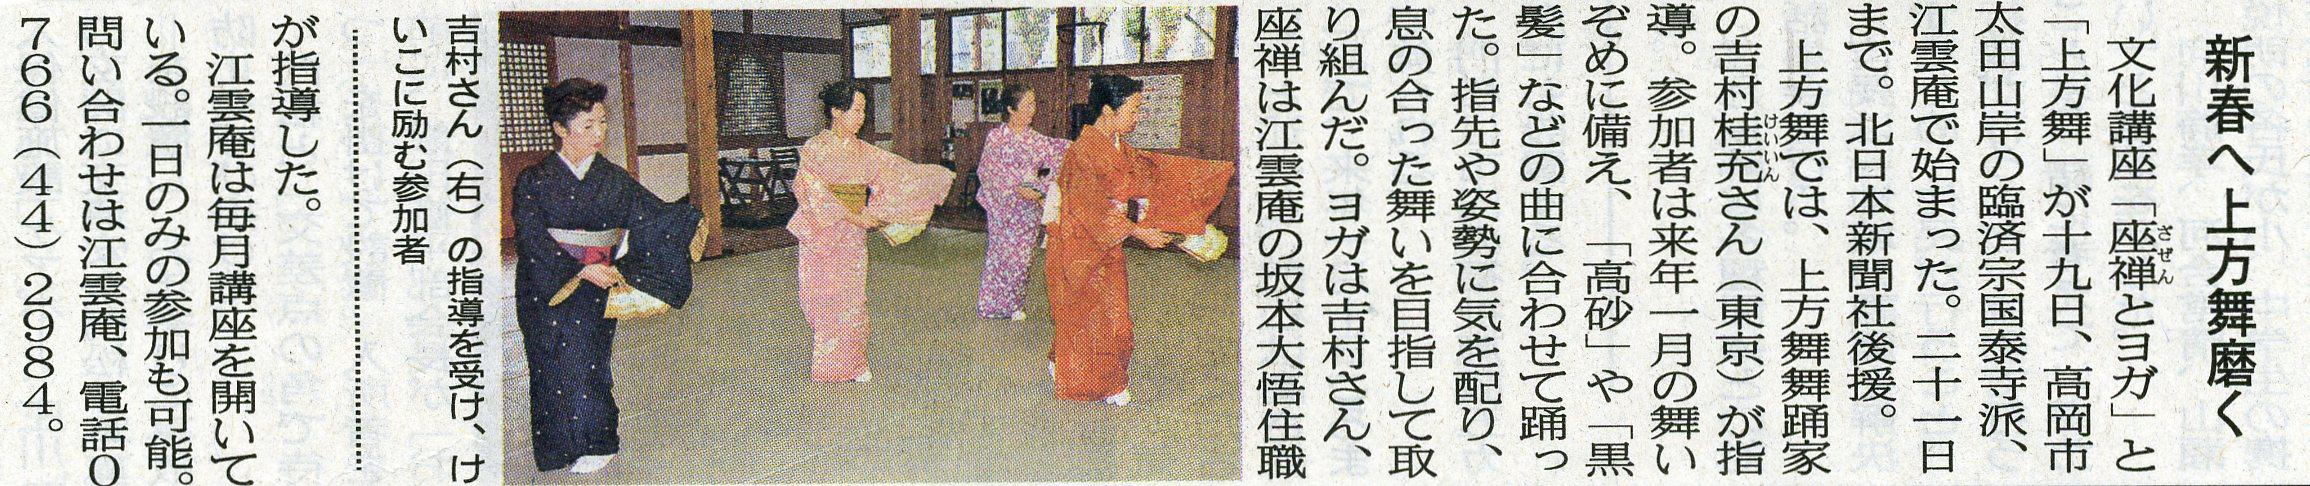 北日本新聞記事_c0154588_15453357.jpg